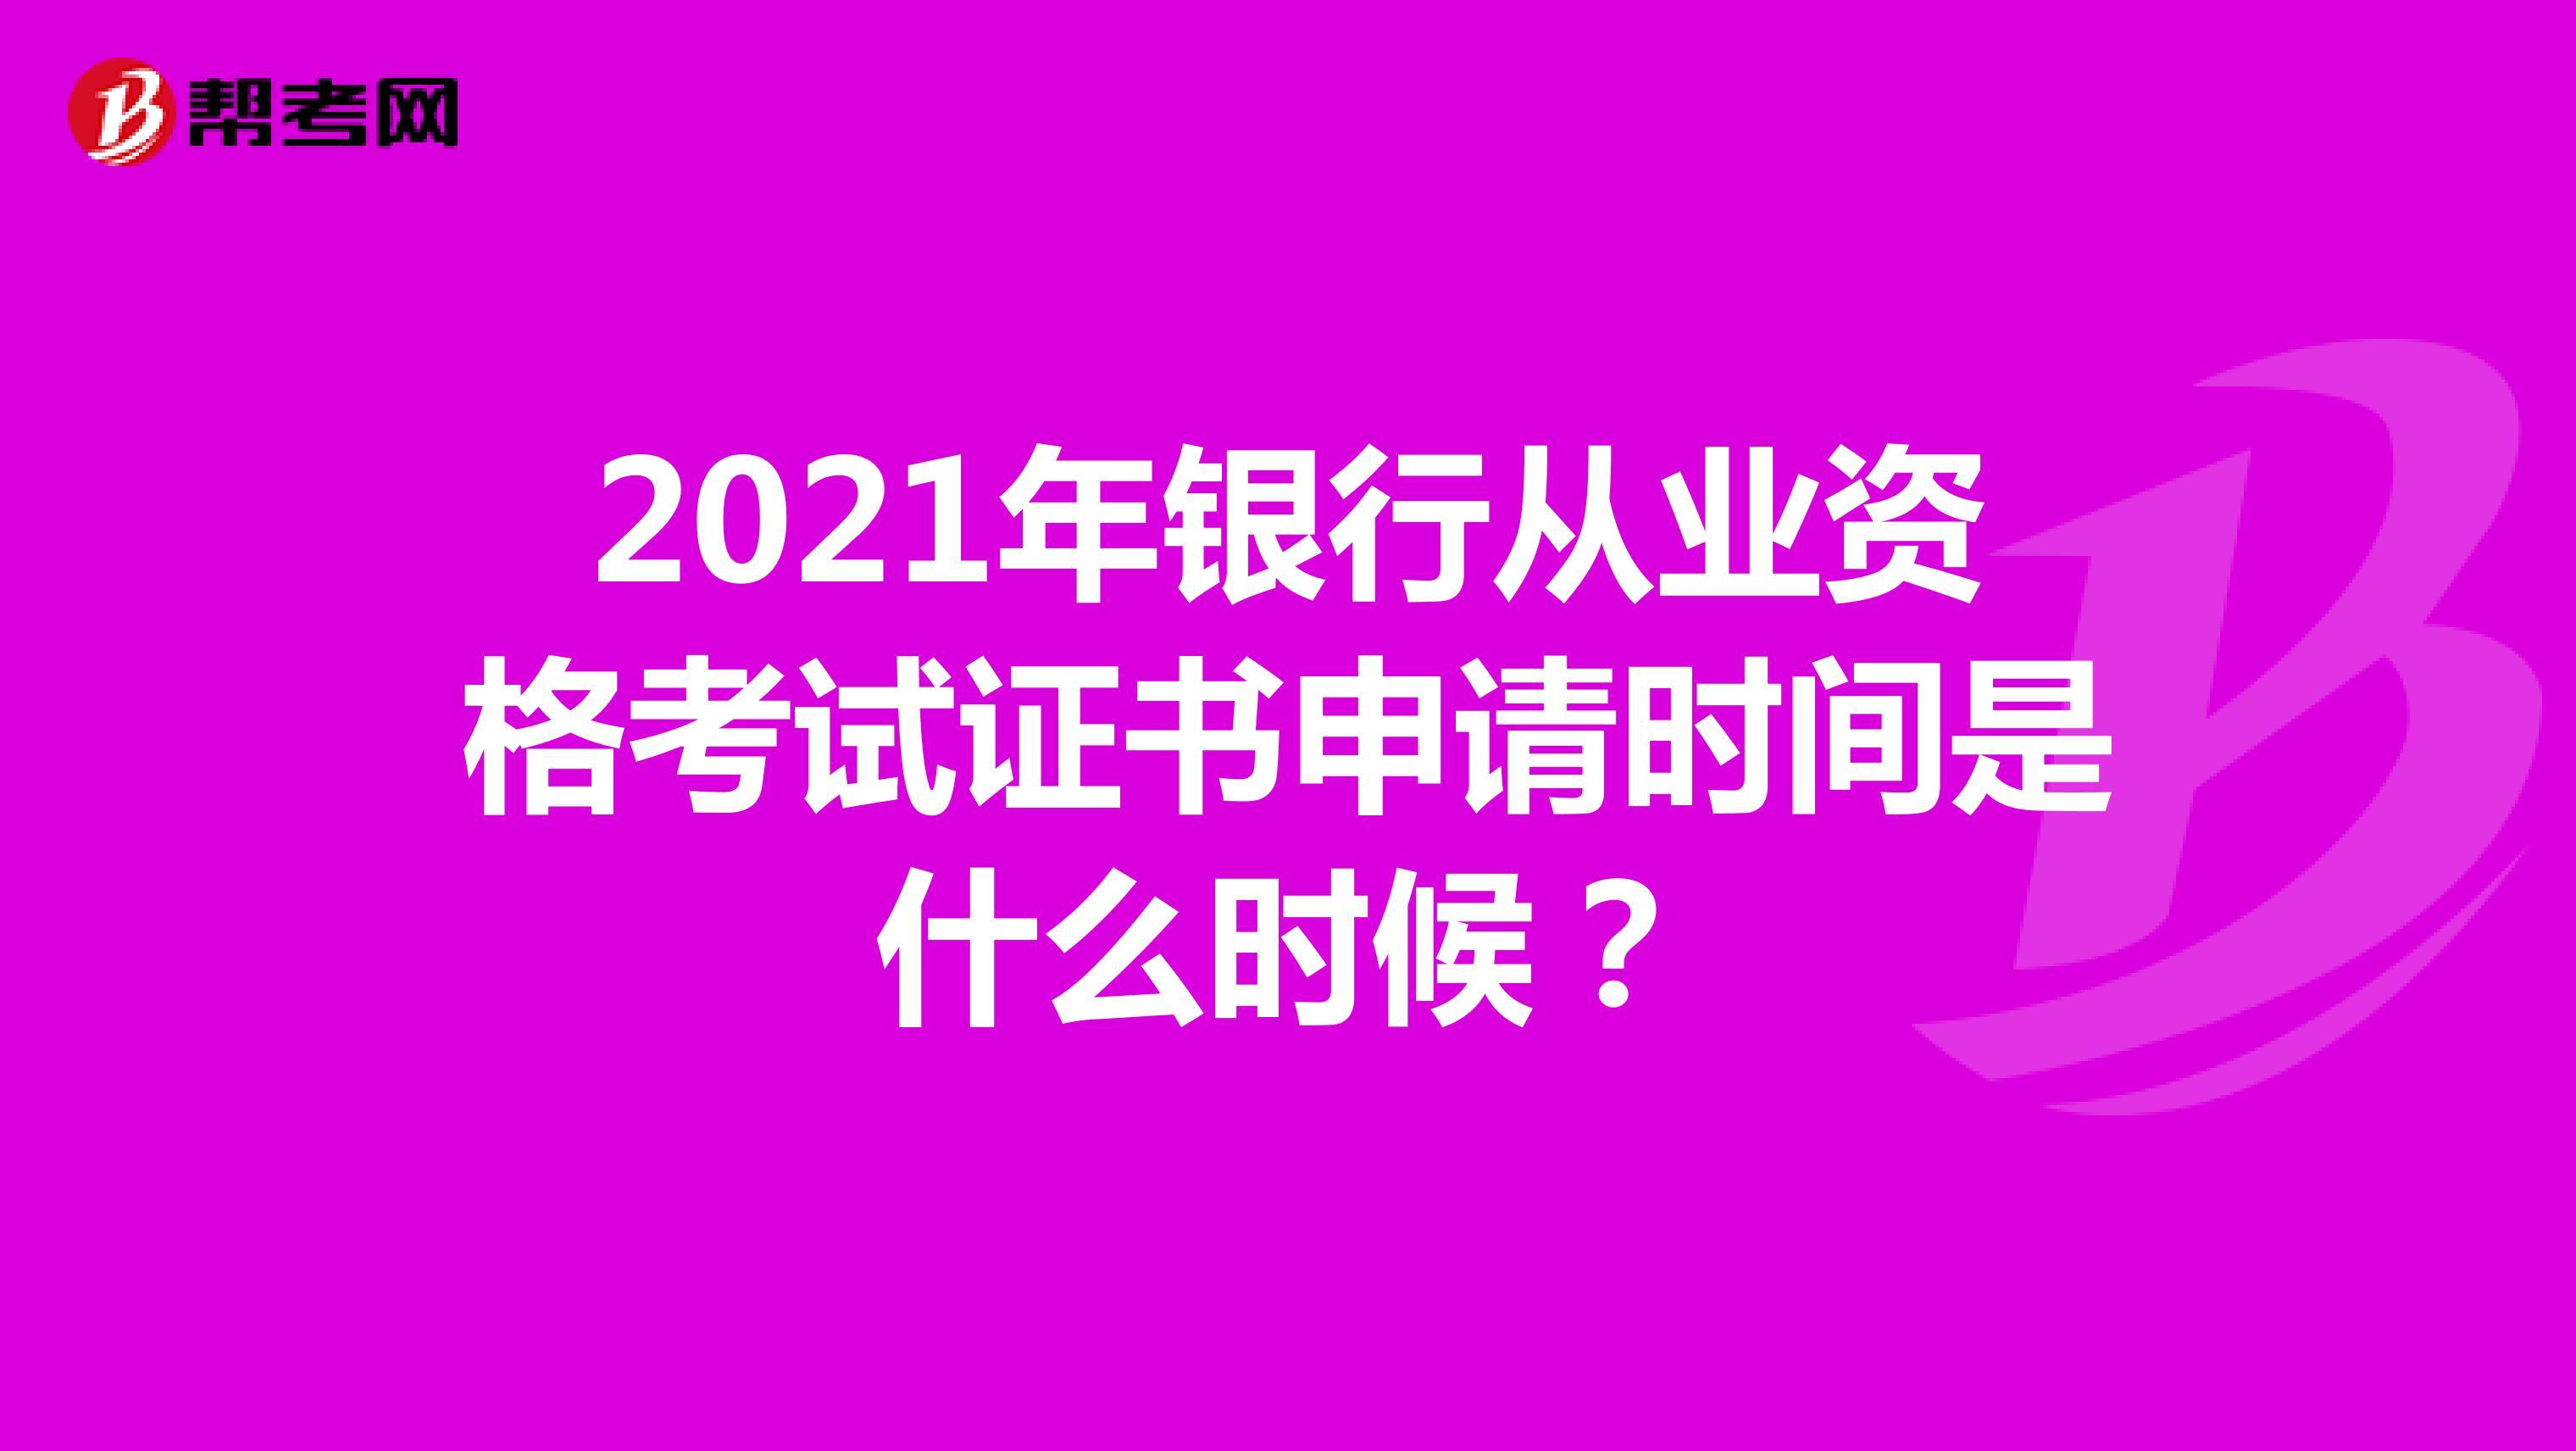 2021年银行从业资格考试证书申请时间是什么时候?